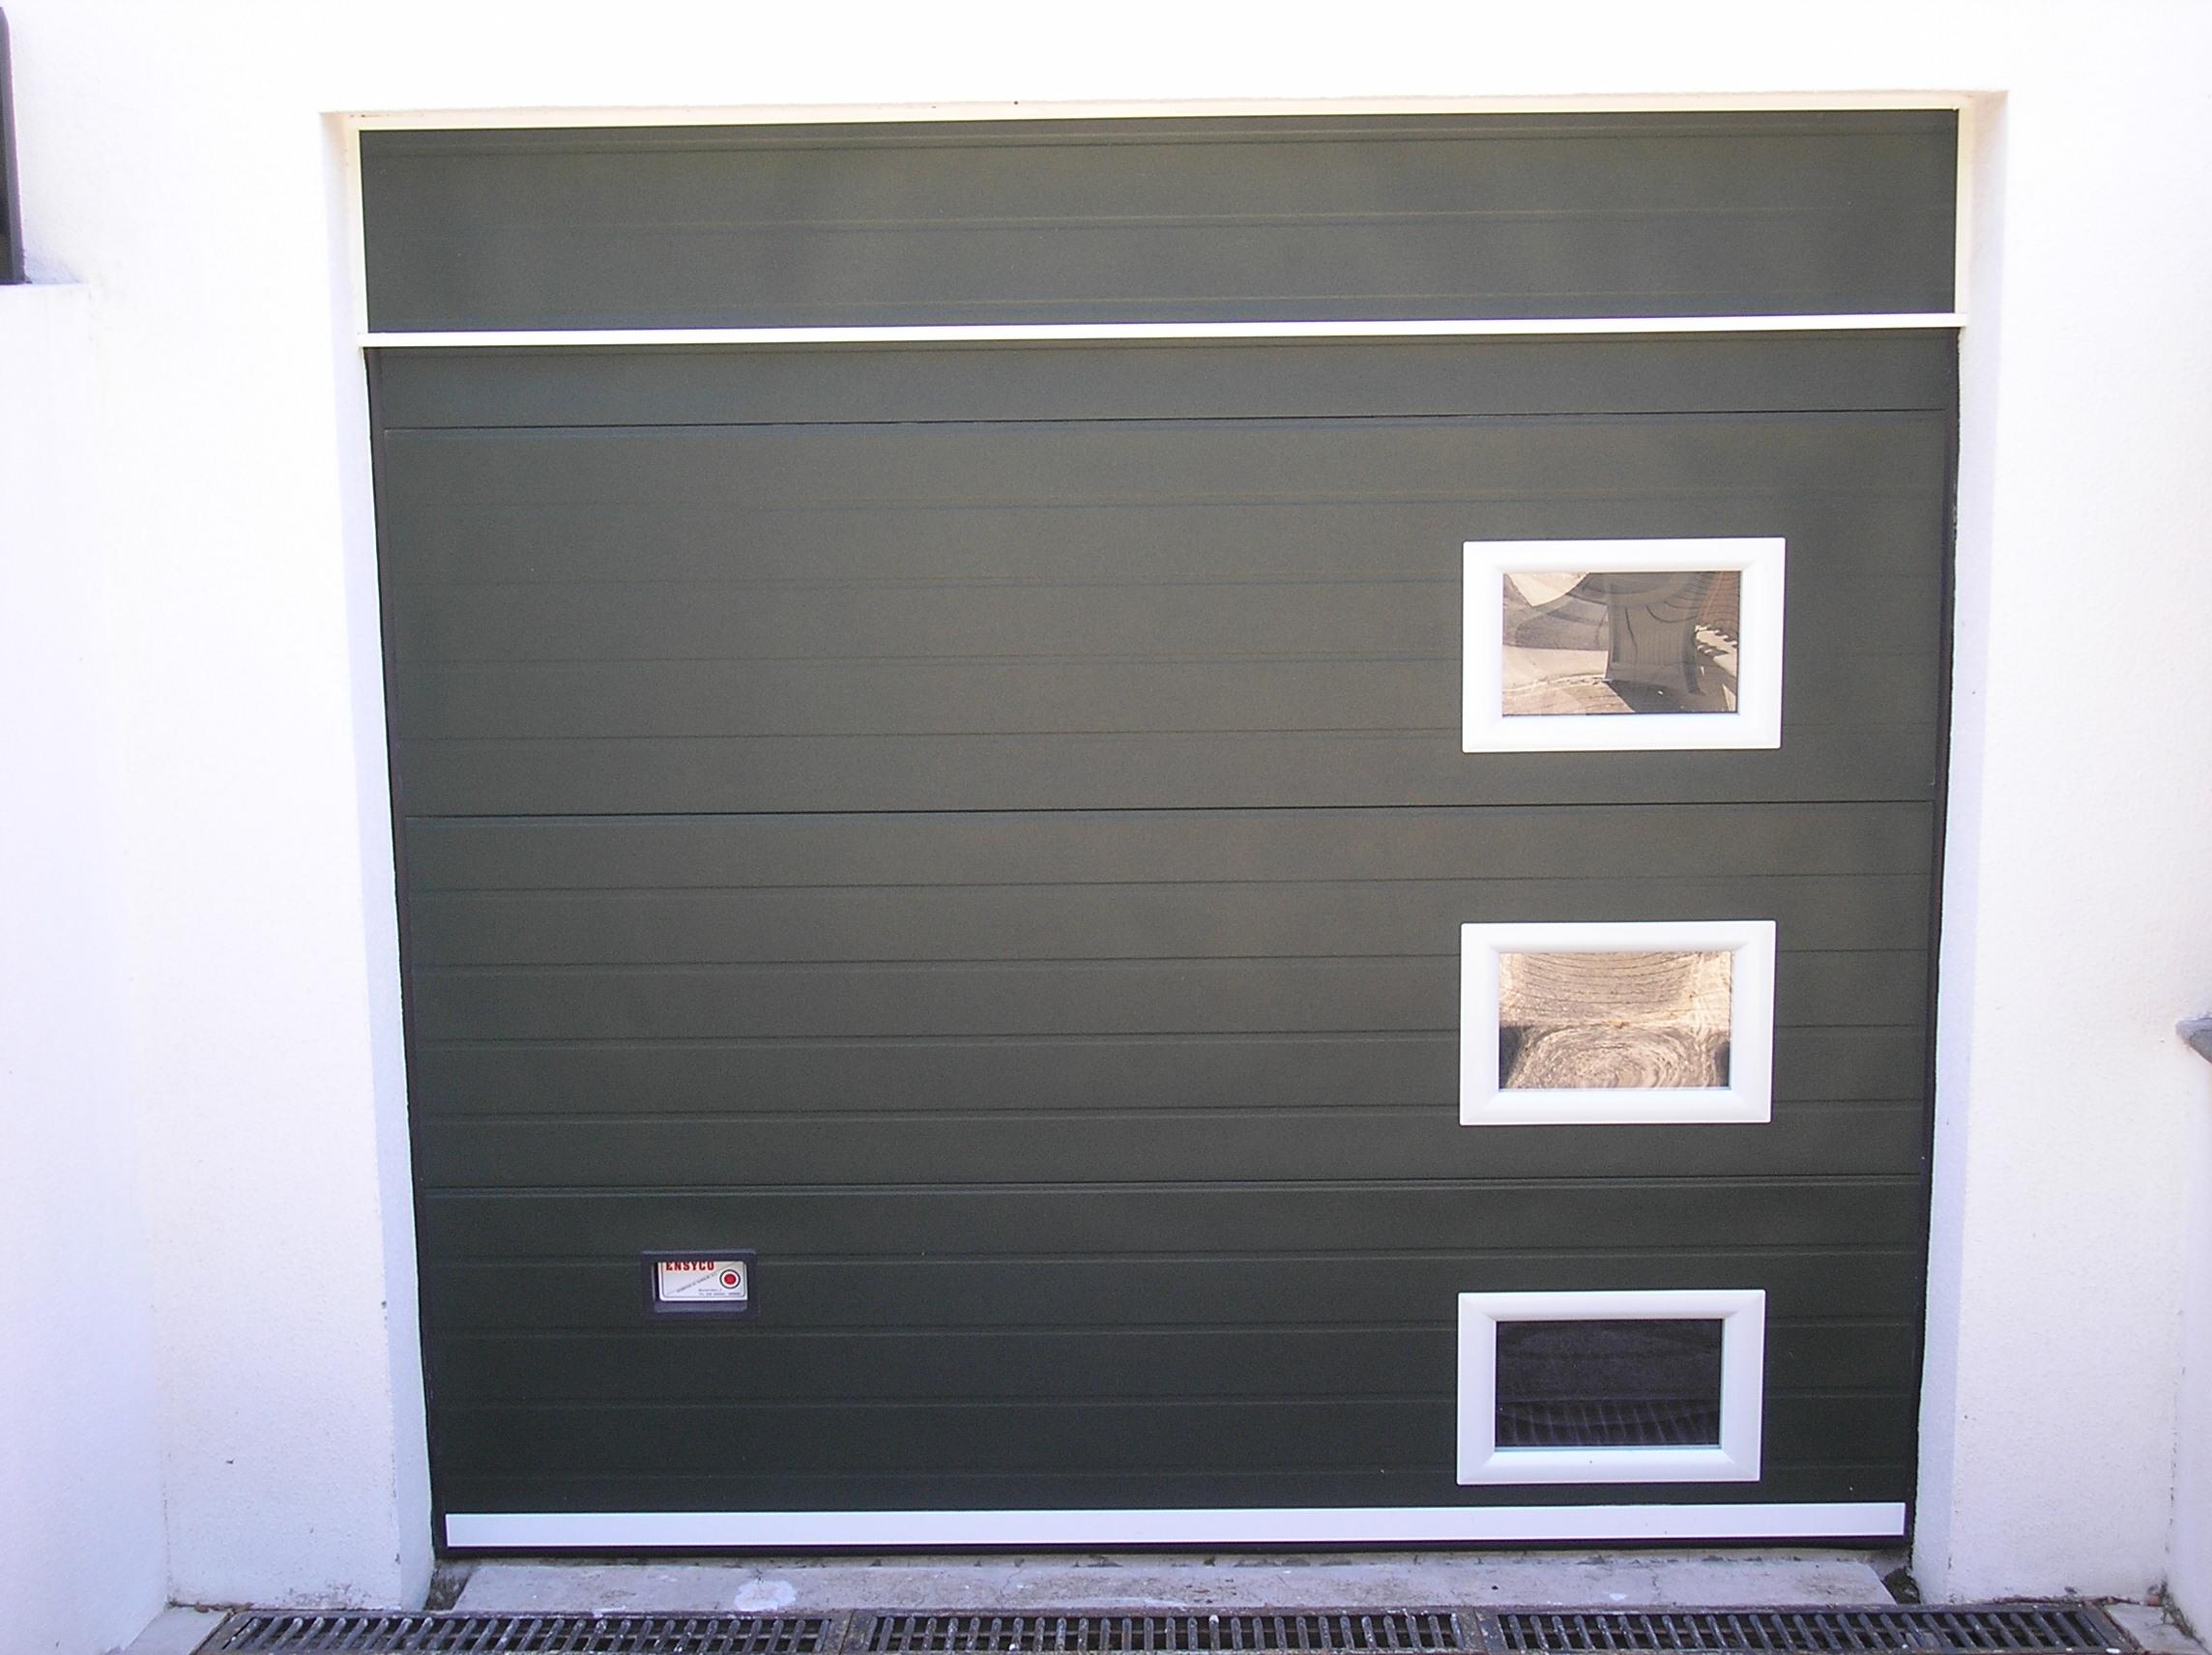 Puertas De Garaje Ensyco ~ Puertas Acorazadas El Corte Ingles